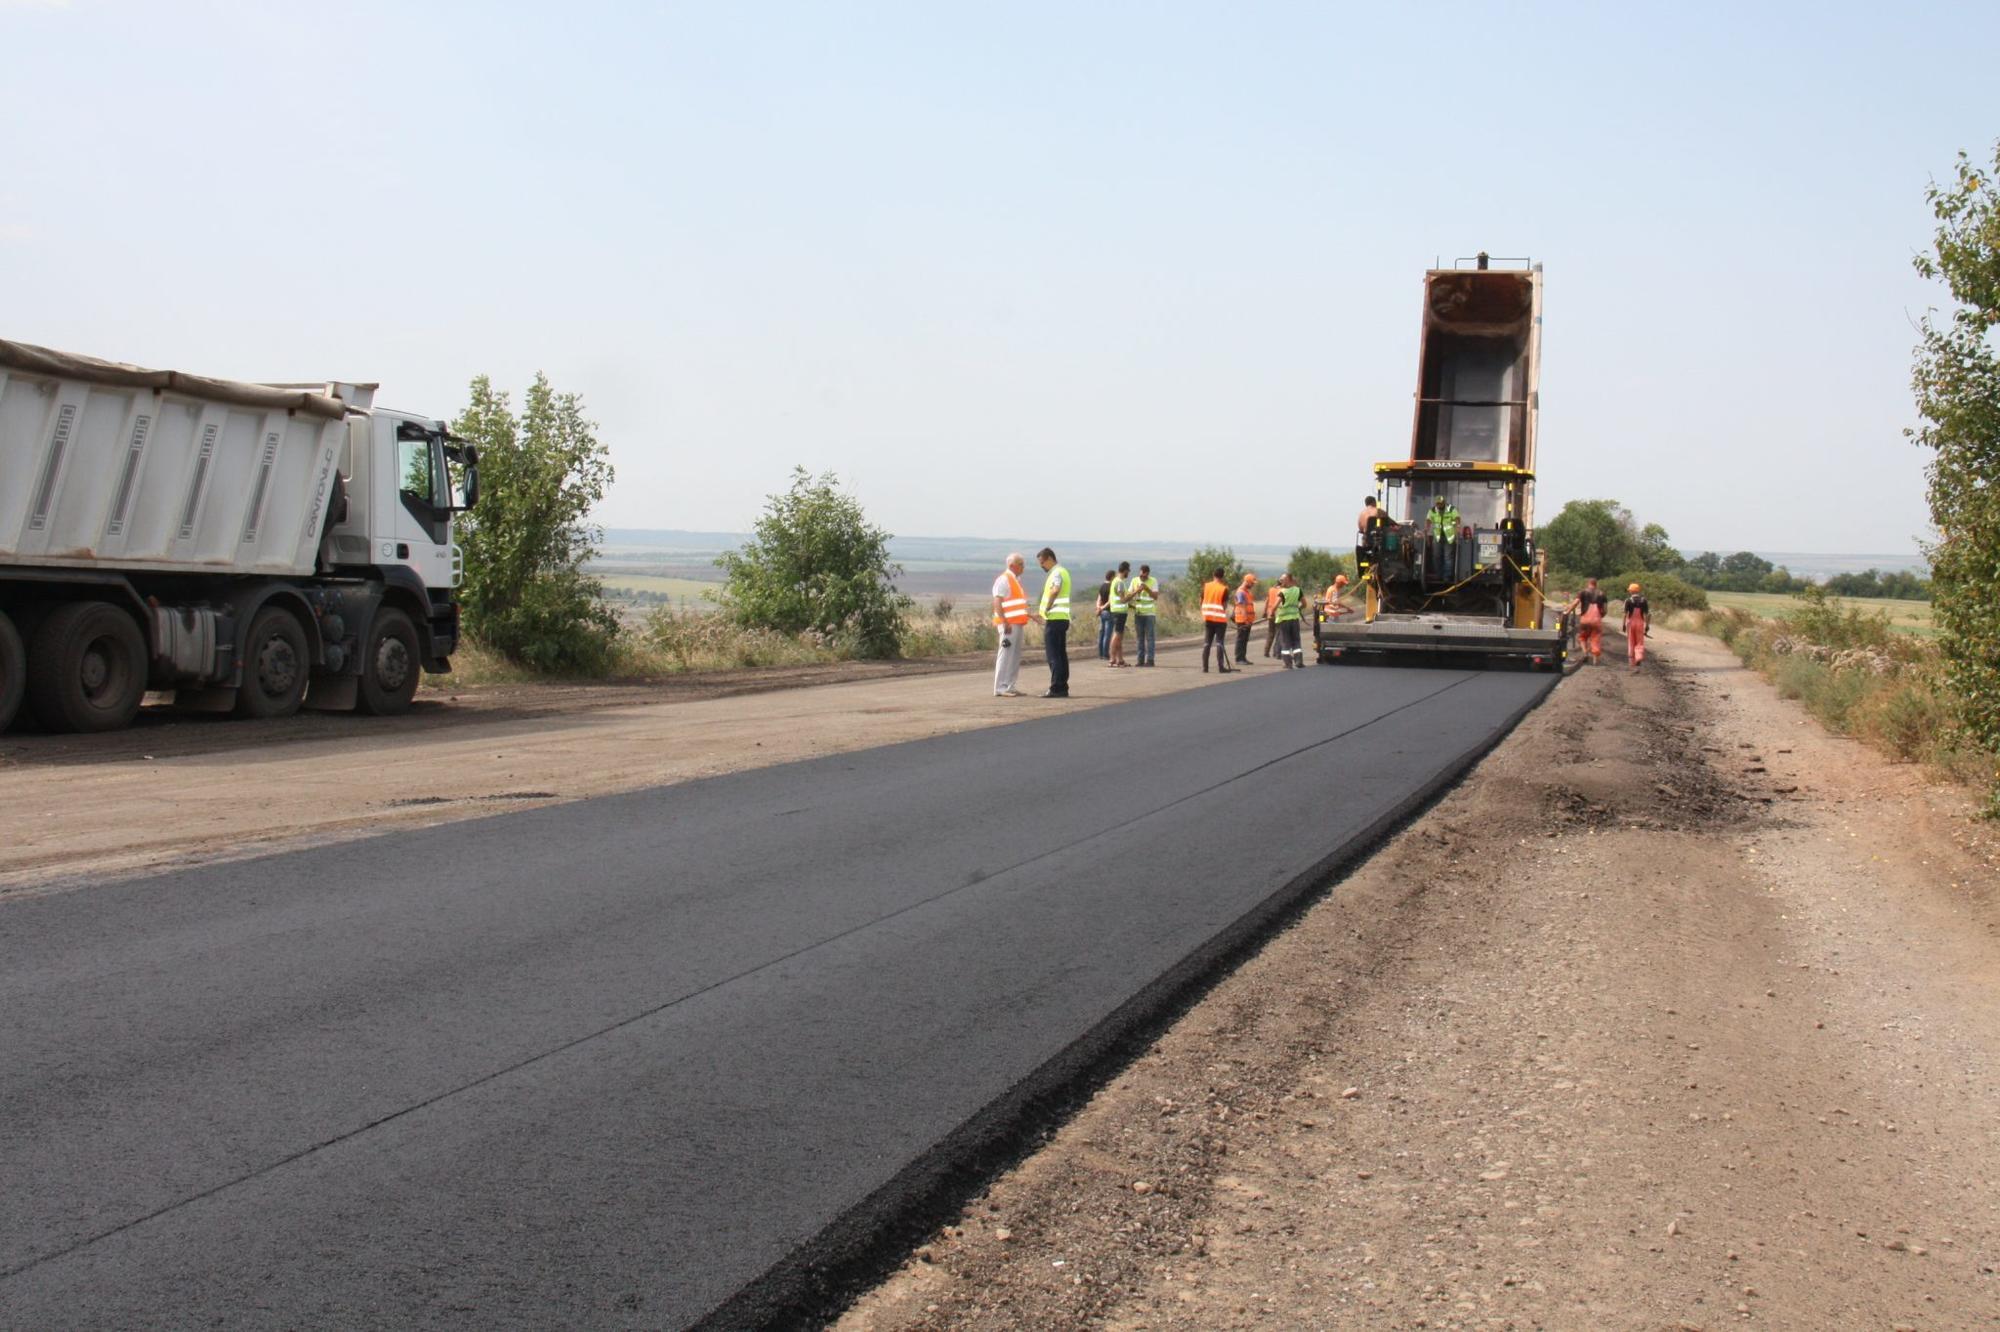 До кінця серпня обіцяють відкрити відремонтовану трасу між Донецькою і Луганською областями (ФОТО)